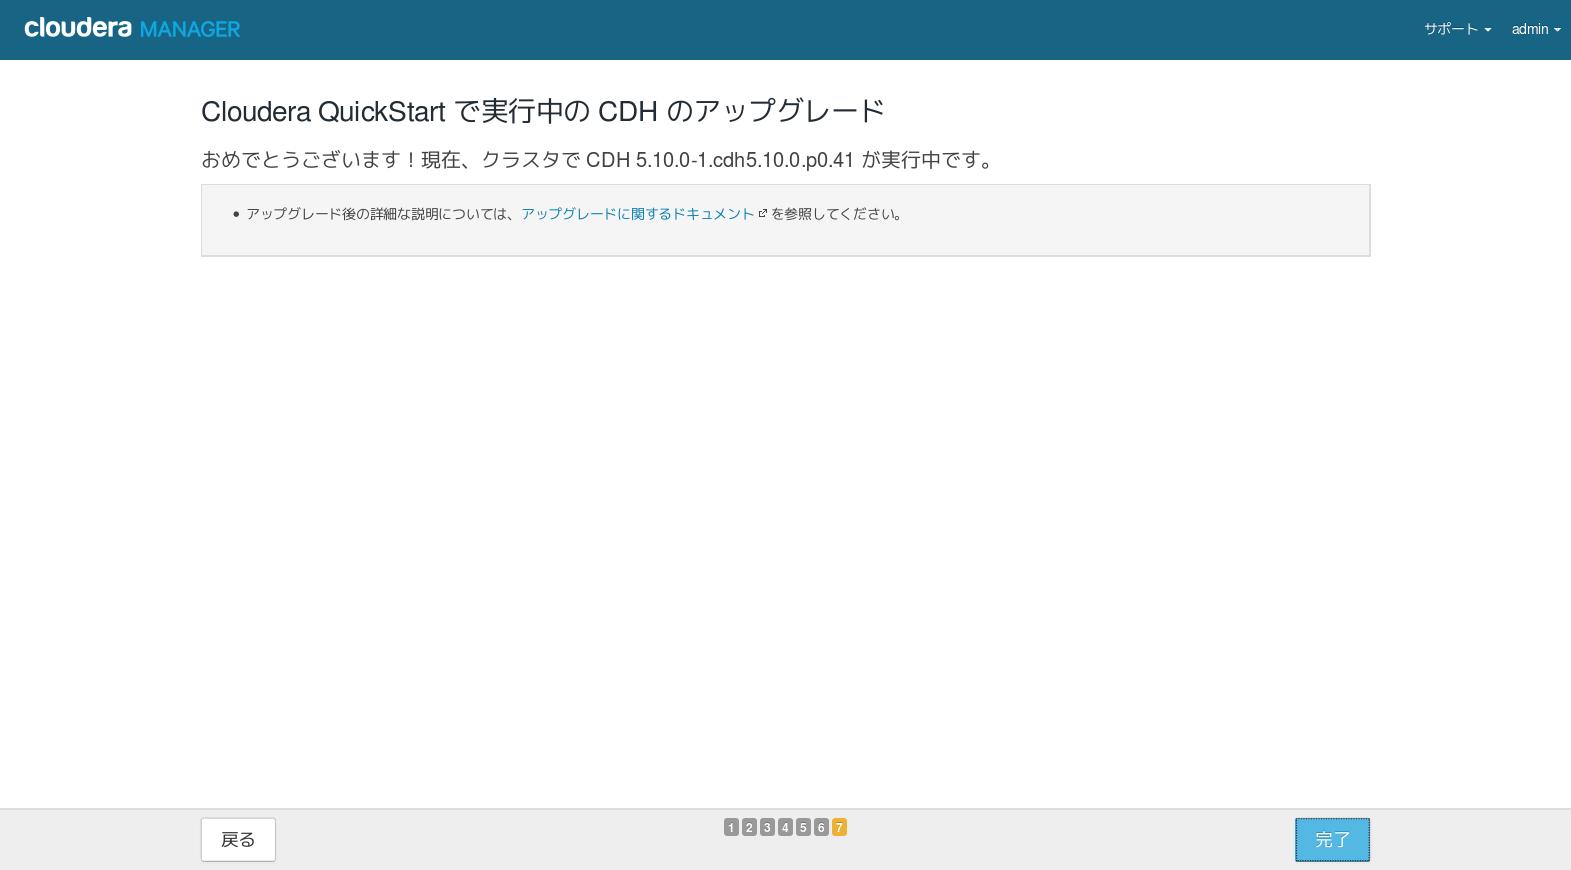 FireShot Capture 034 - Cloudera Quick__ - http___quickstart.cloudera_7180_cm.png